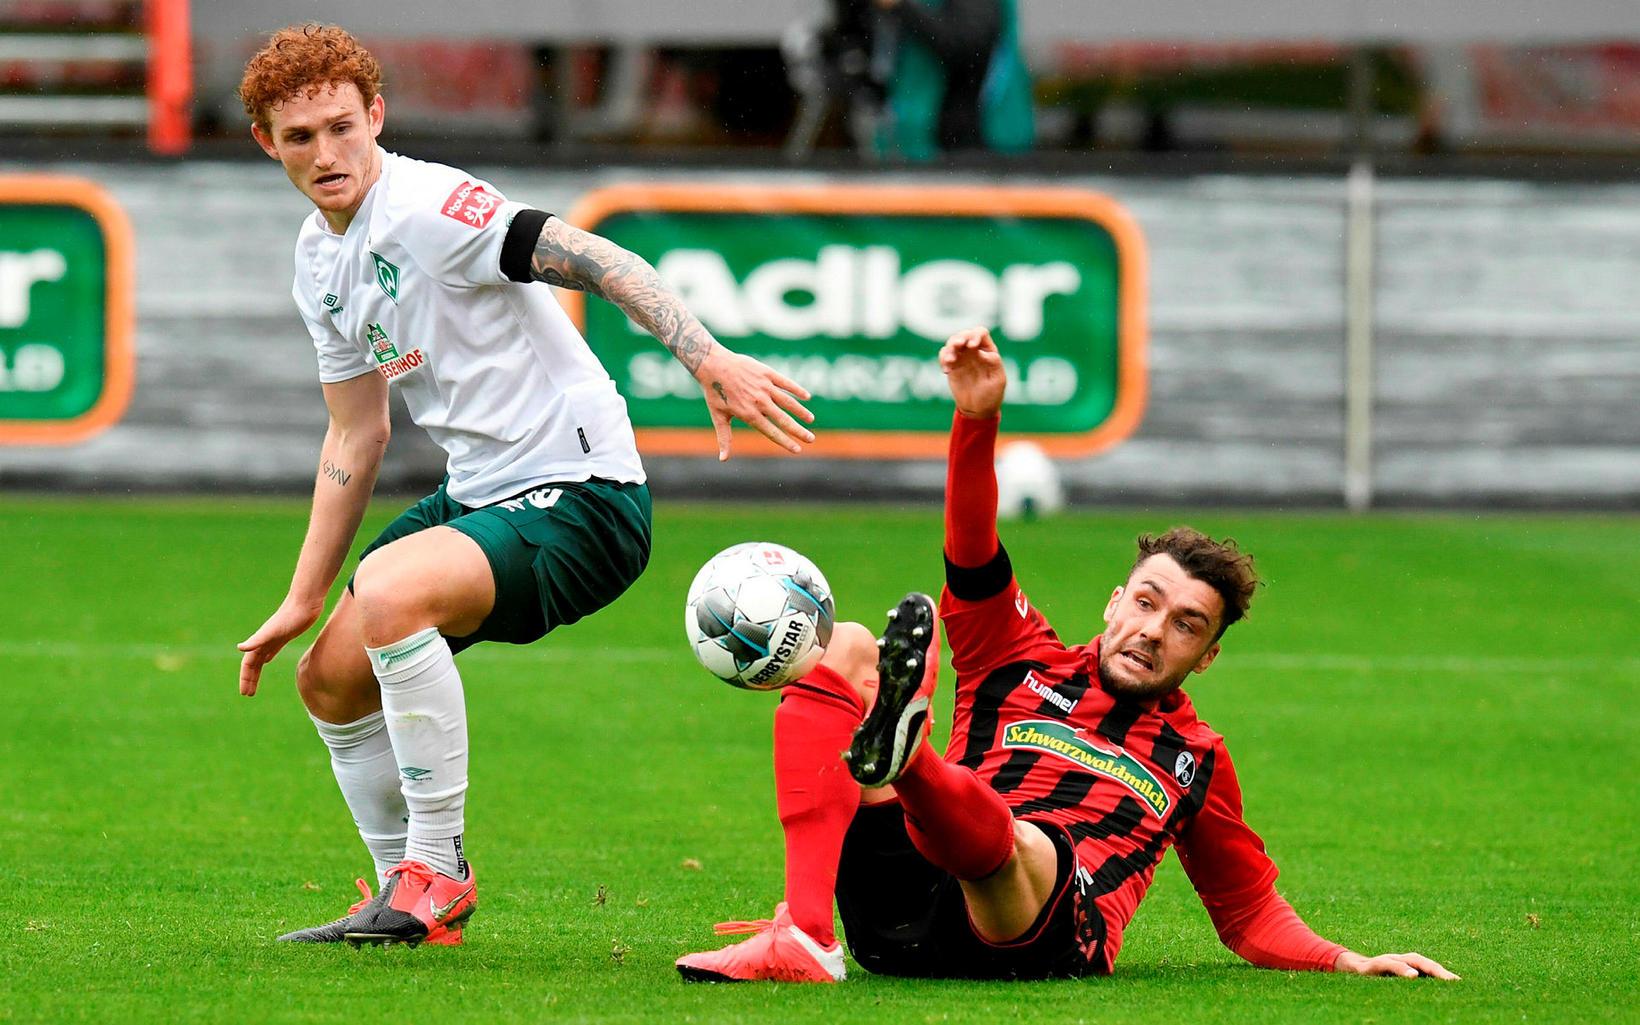 Werder Bremen náði í þrjú mikilvæg stig í botnbaráttunni.